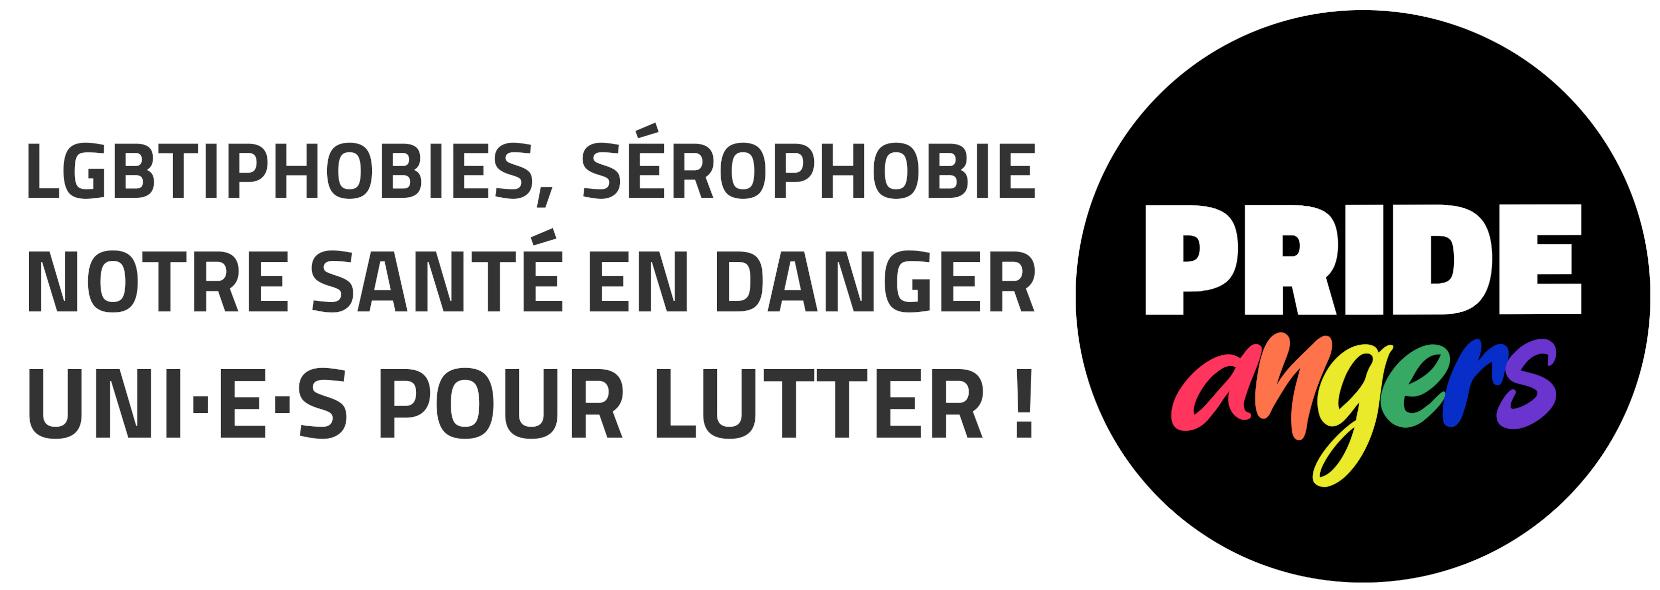 LGBTIPHOBIES, SÉROPHOBIE, NOTRE SANTÉ EN DANGER. UNI·E·S POUR LUTTER !